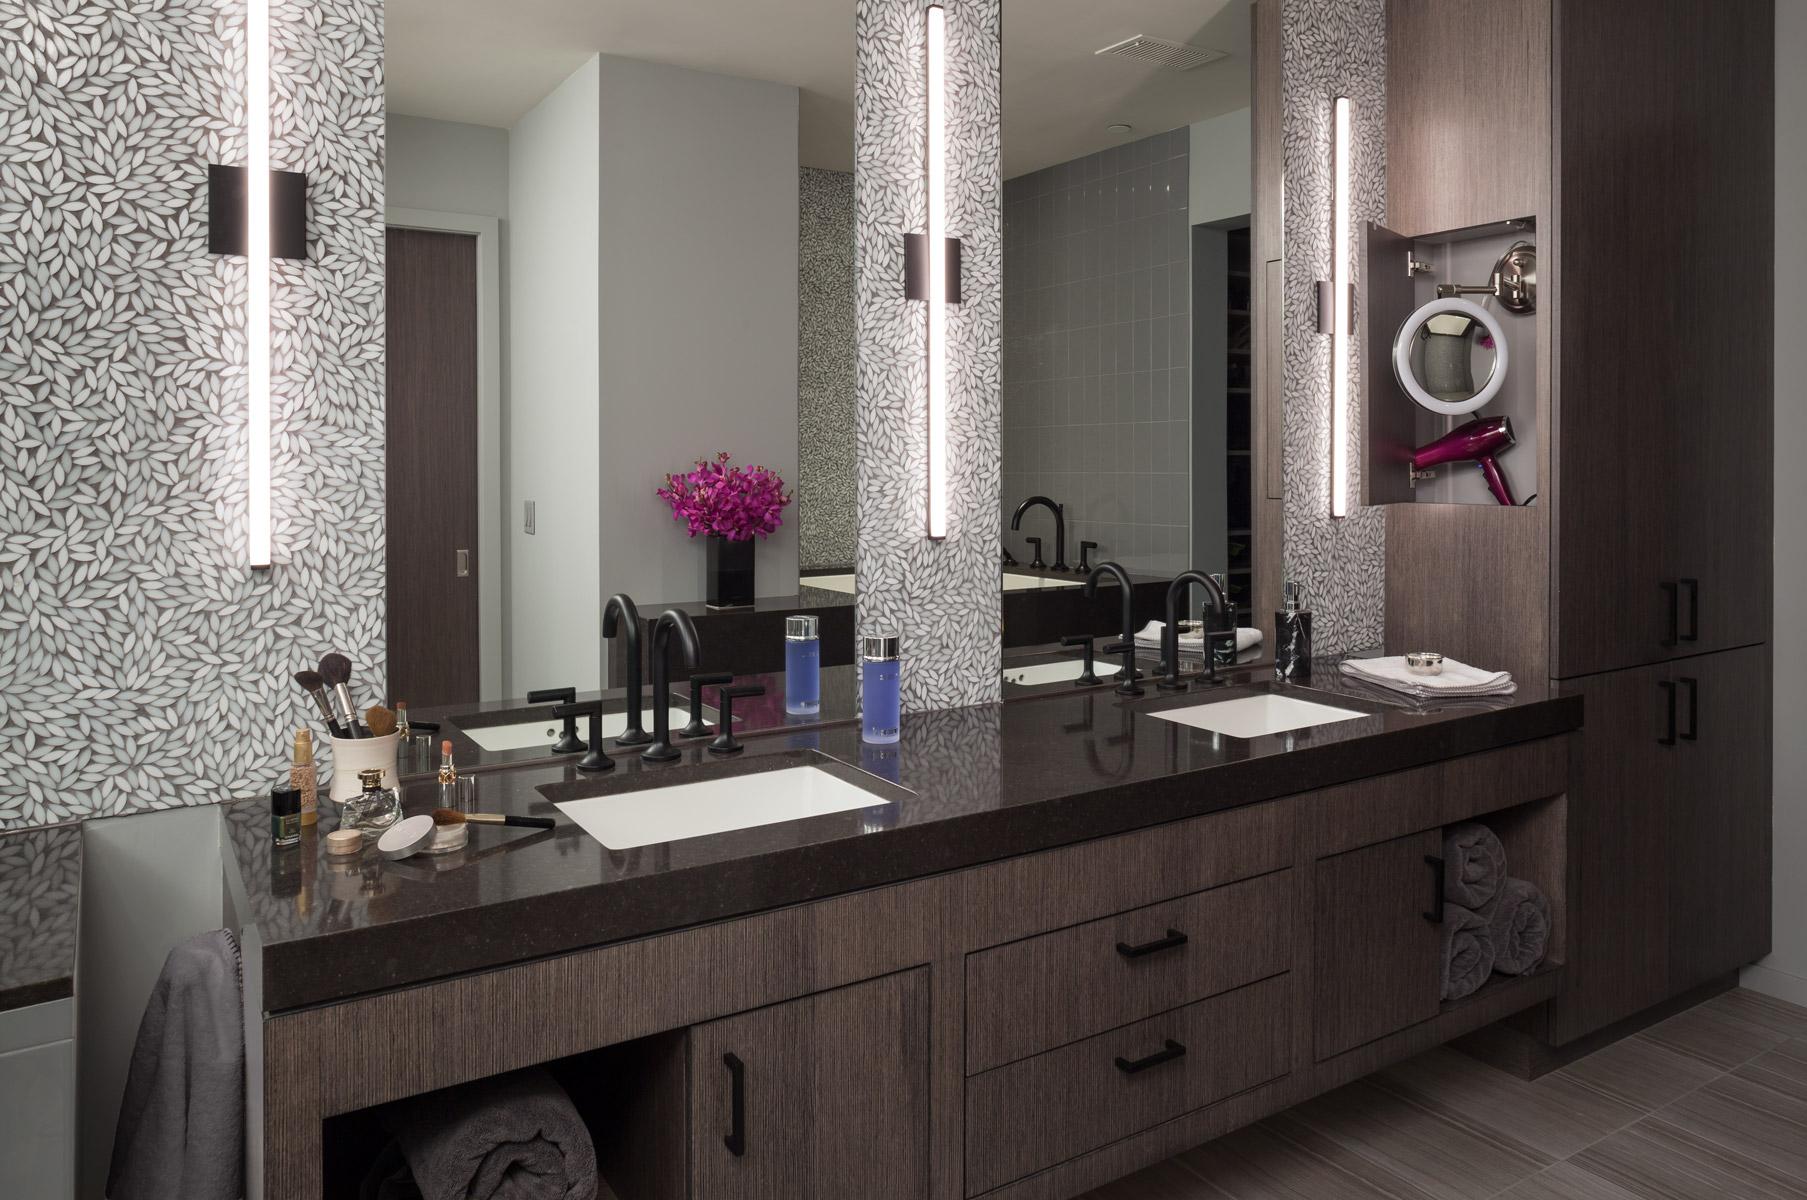 master-bath-storage-ideas-Minneapolis-interior-designer.jpg